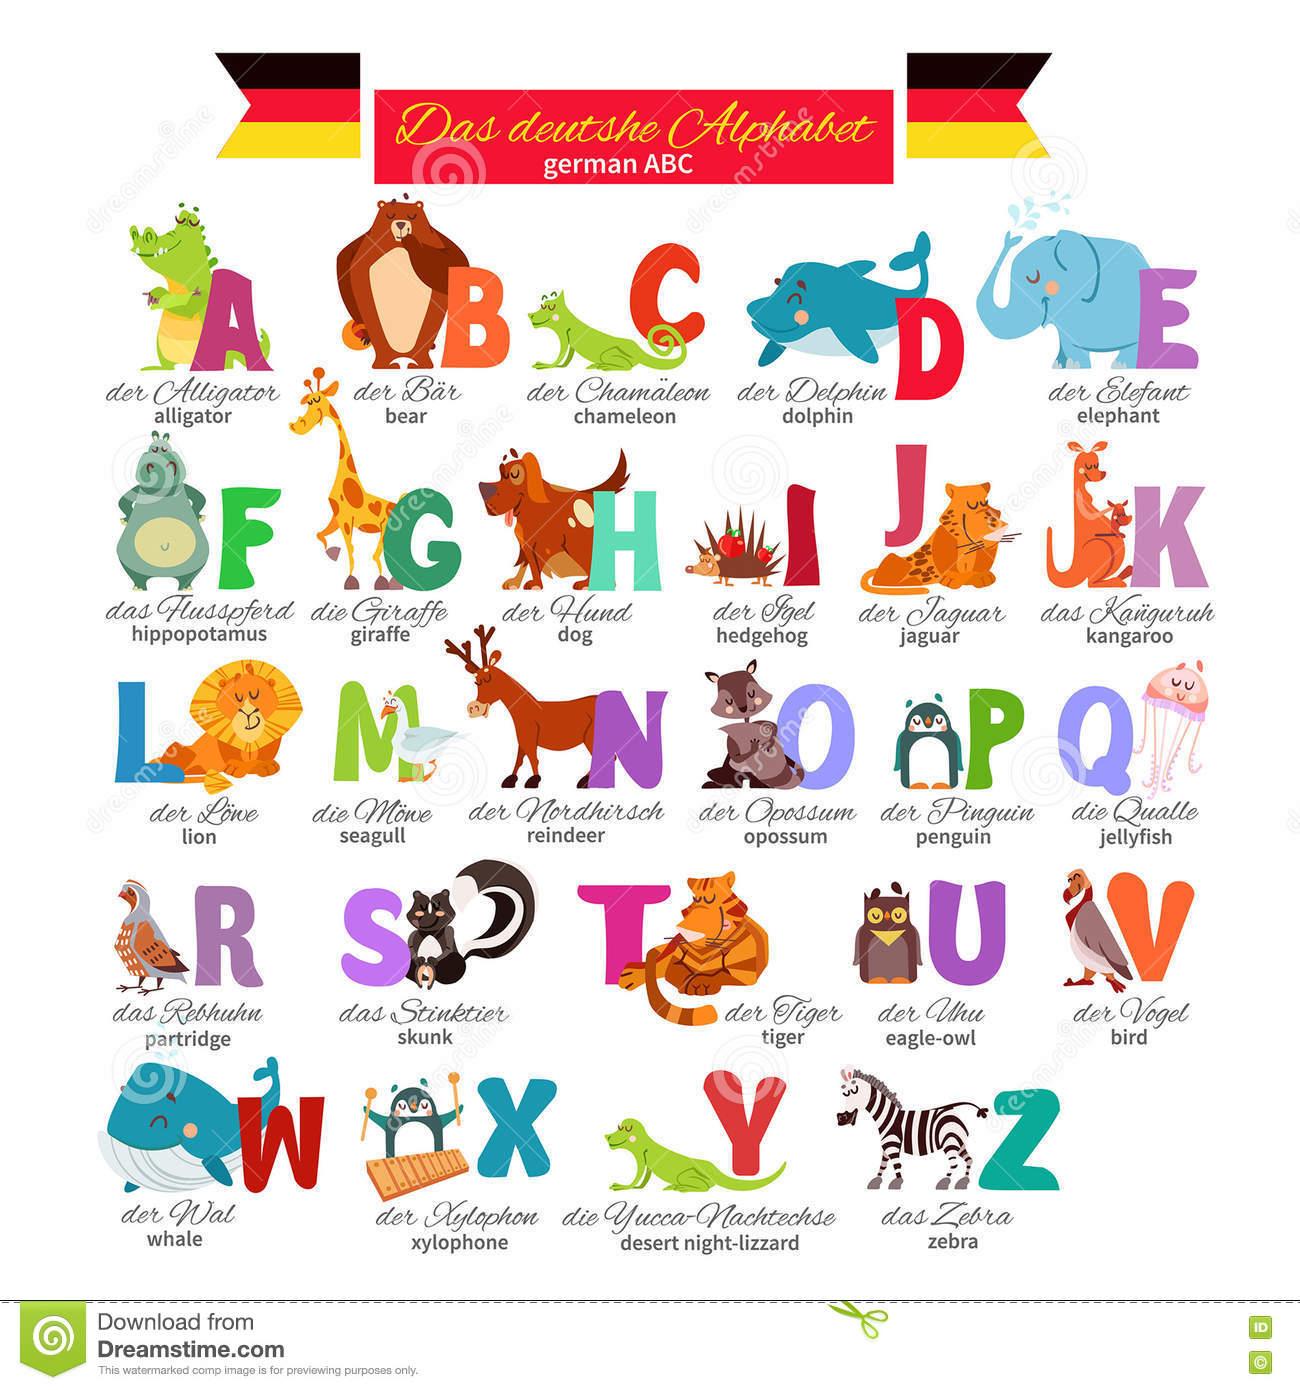 Deutsches Abc Für Vorschulbildung Vektor Abbildung bestimmt für Abc Alphabet Deutsch